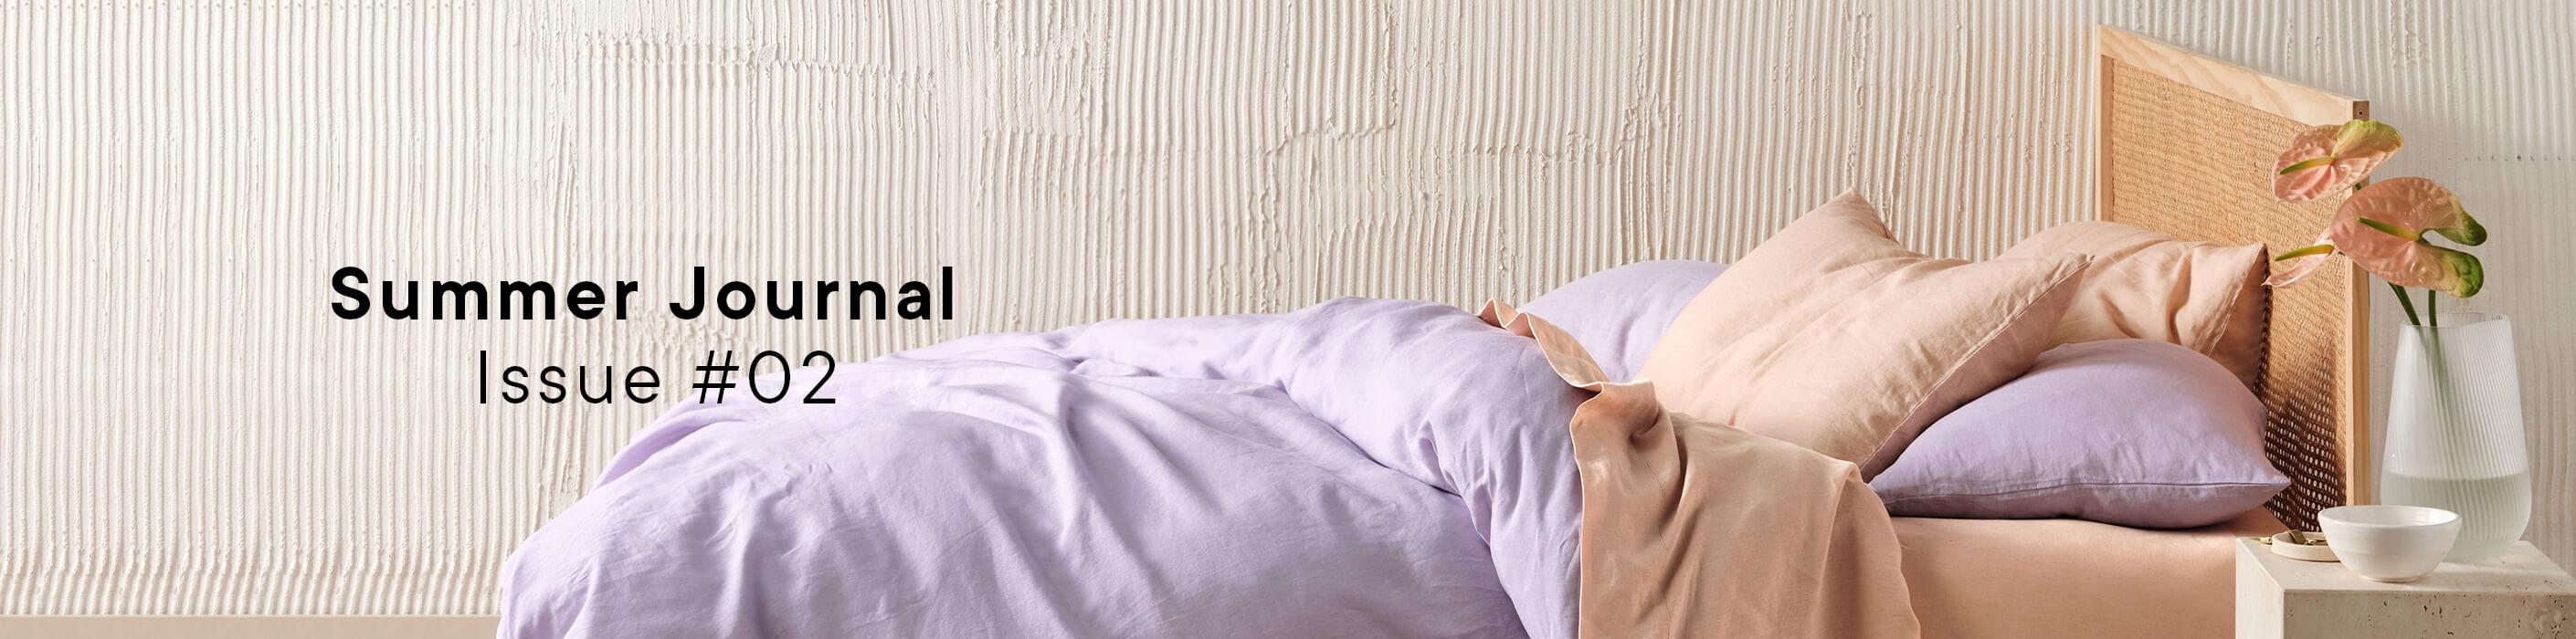 Bed Linen Buy Bed Linen Online Australia Linen House